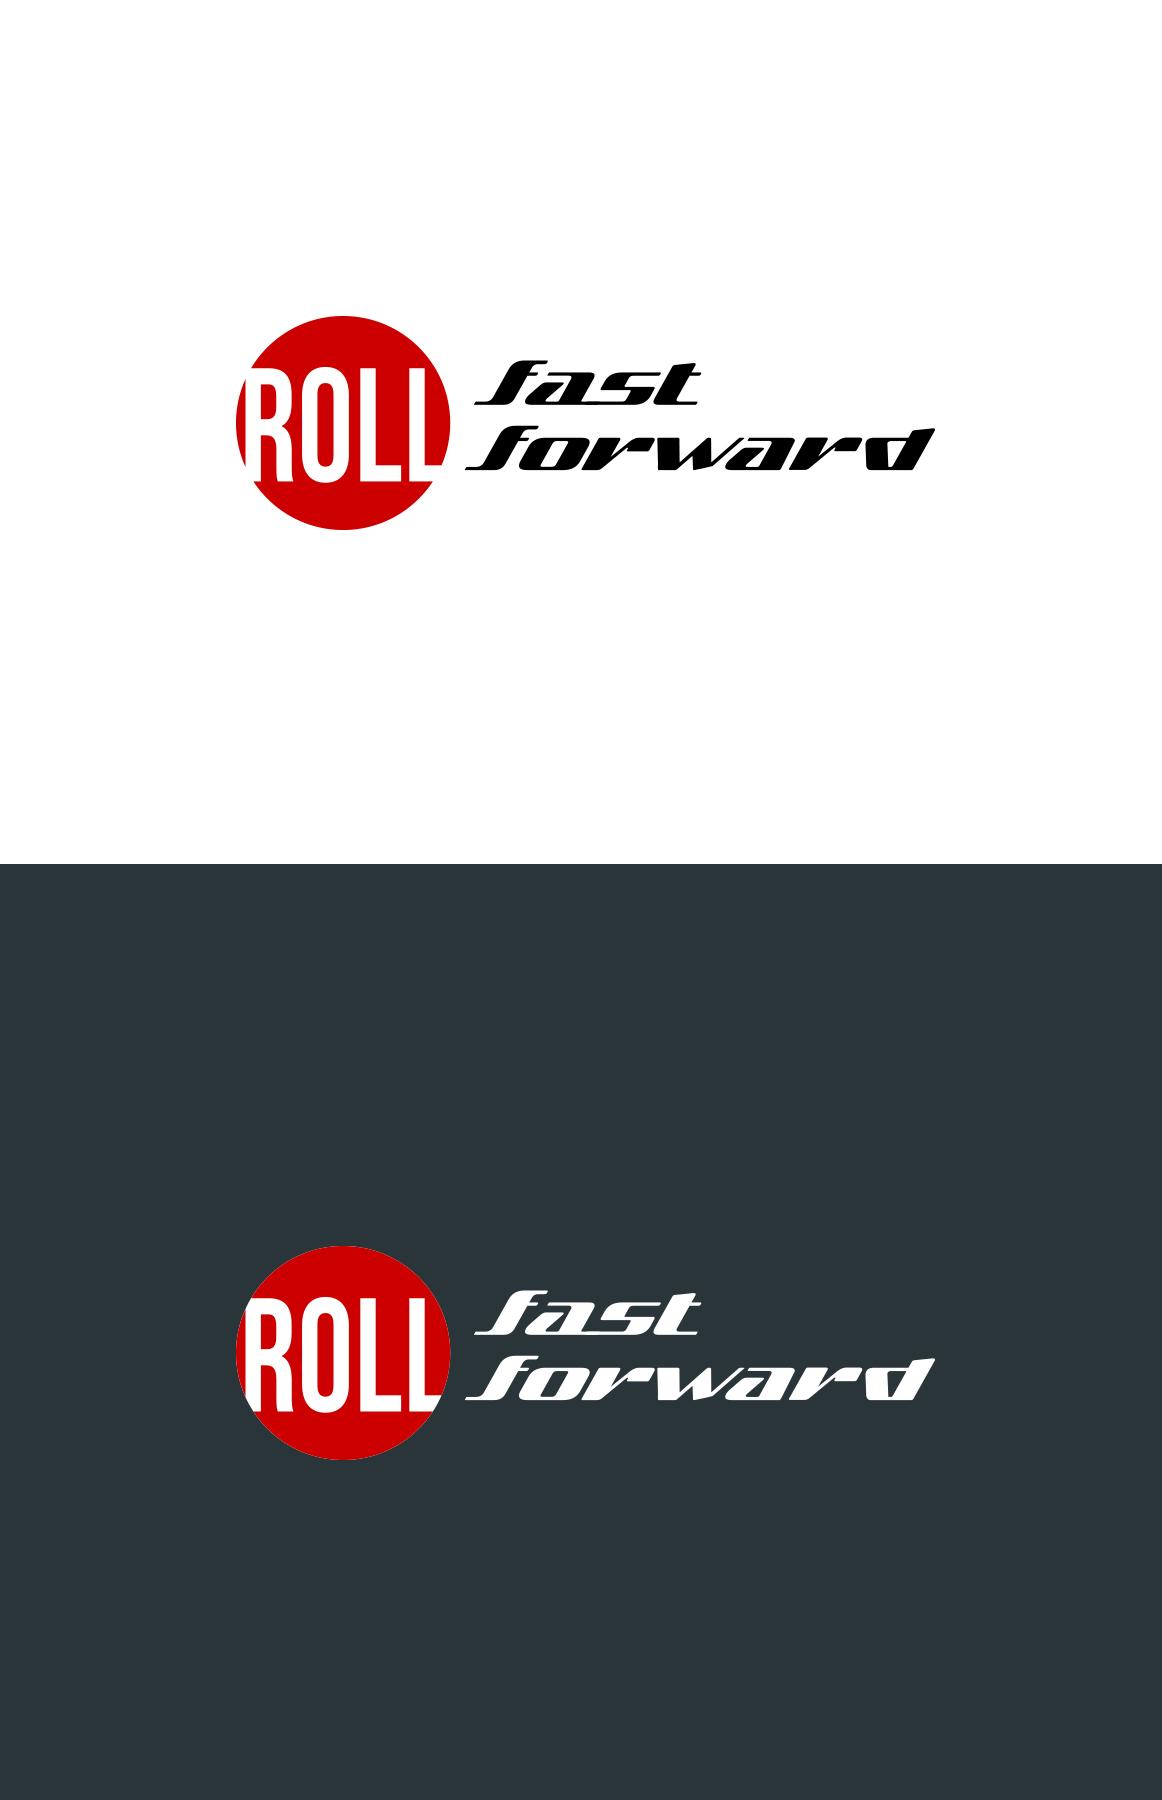 Roll FF